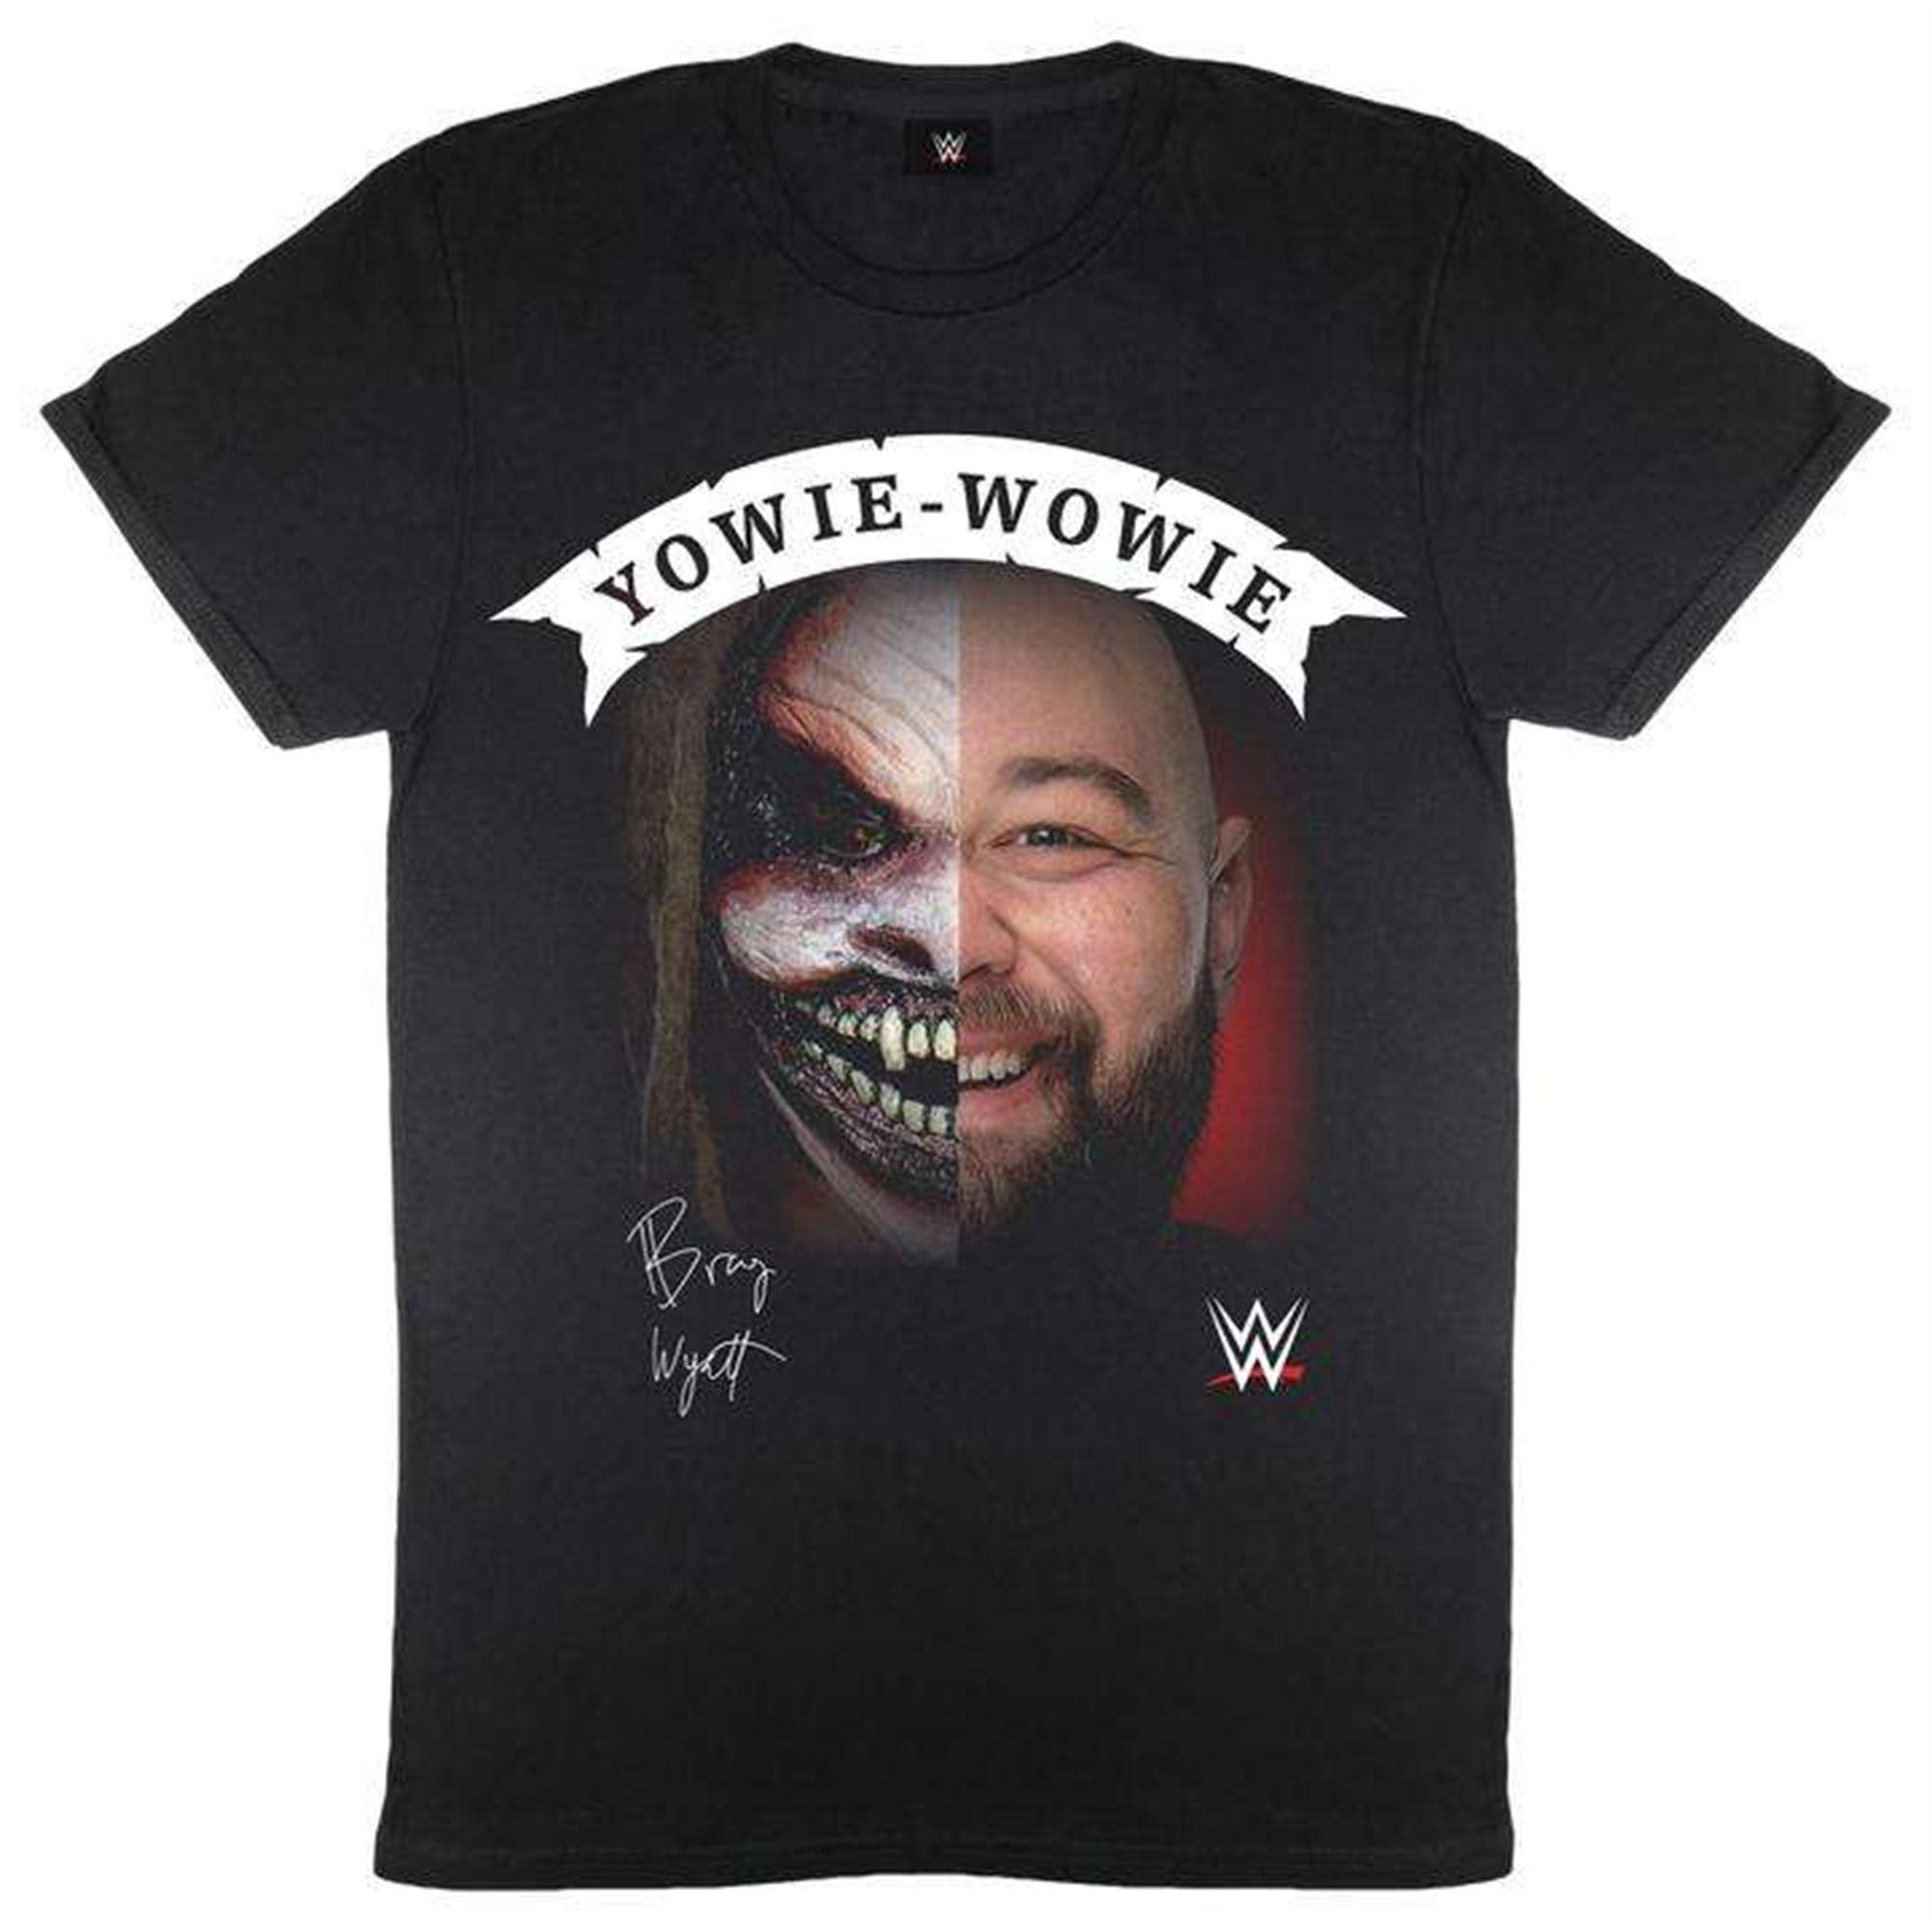 Wwe Bray Wyatt The Fiend Yowie Wowie Men T-shirt Plus Size Up To 5x